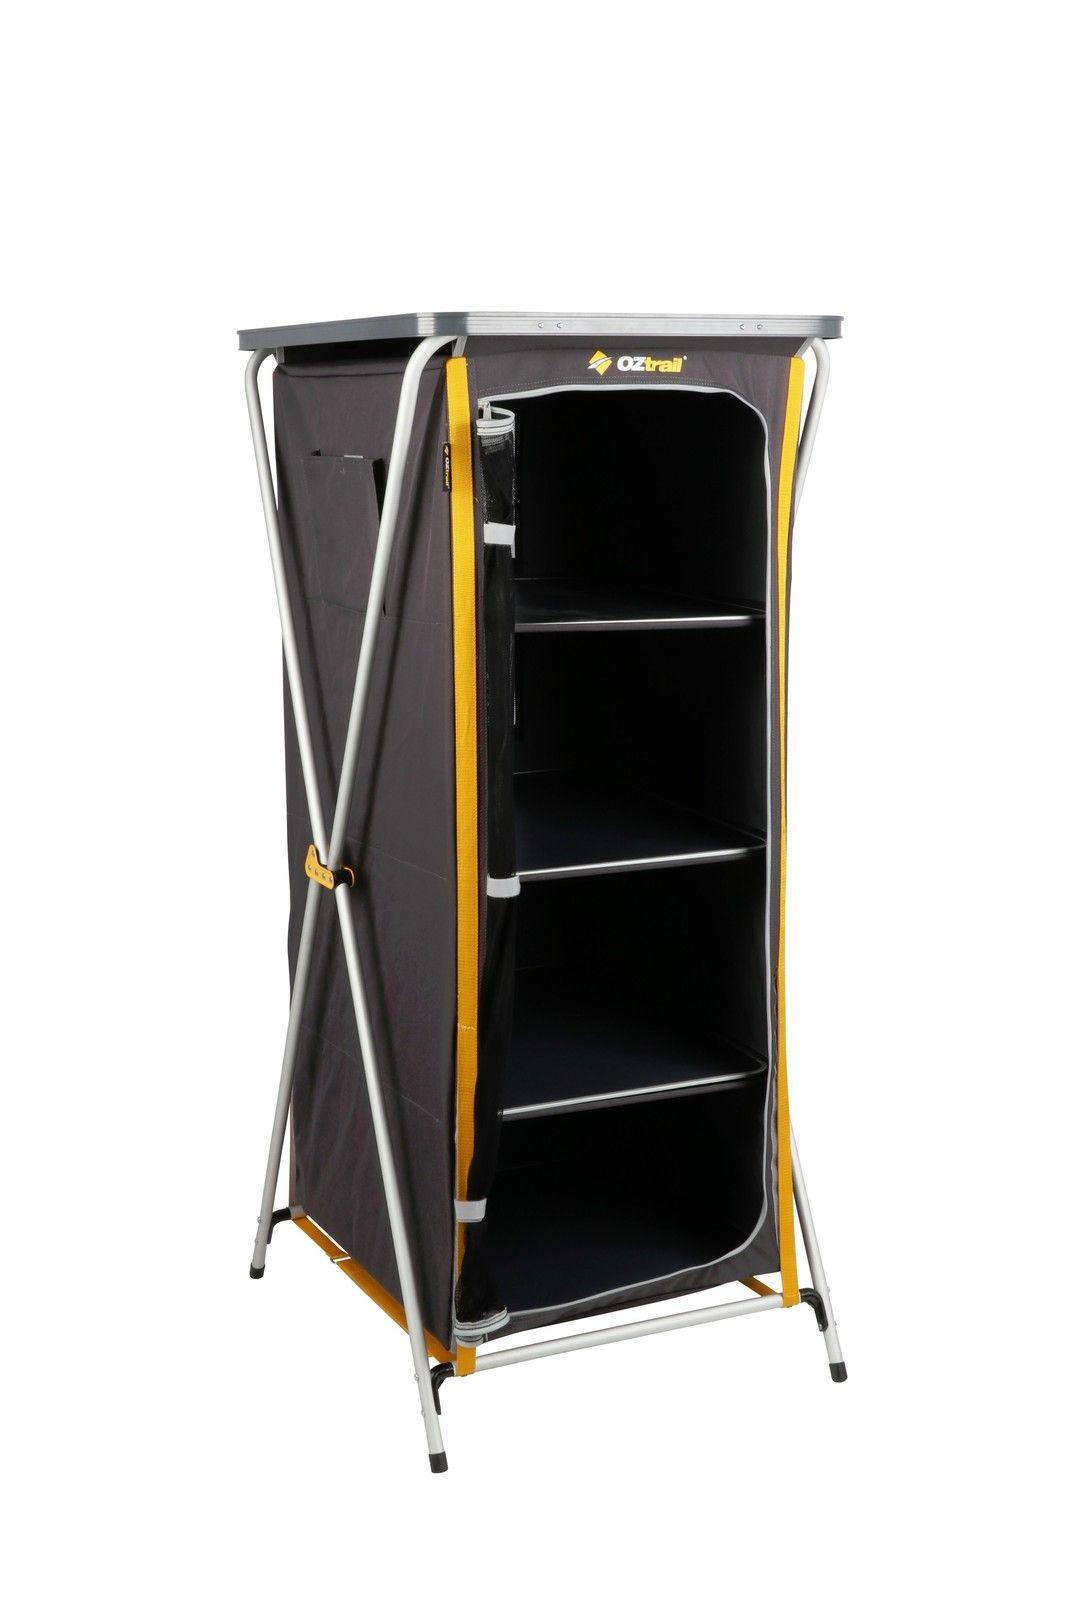 Oztrail 4 Shelf Deluxe Camp Cupboard Camping Gear Cupboard Storage Locker Storage